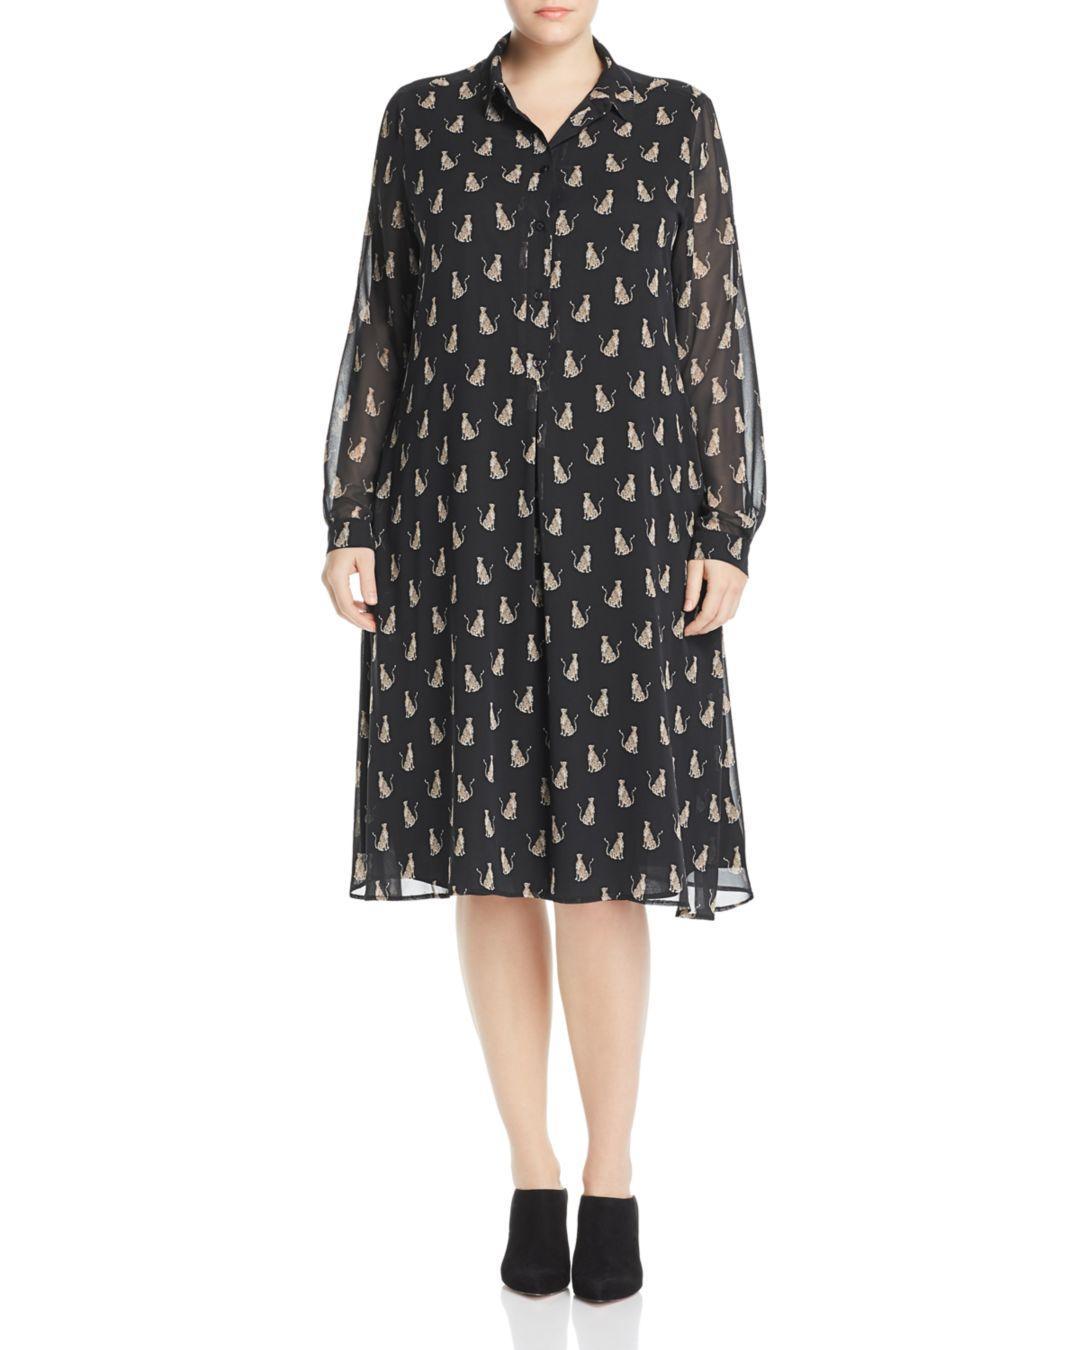 03940c3ae4 Lyst - Marina Rinaldi Danae Leopard-printed Dress in Black